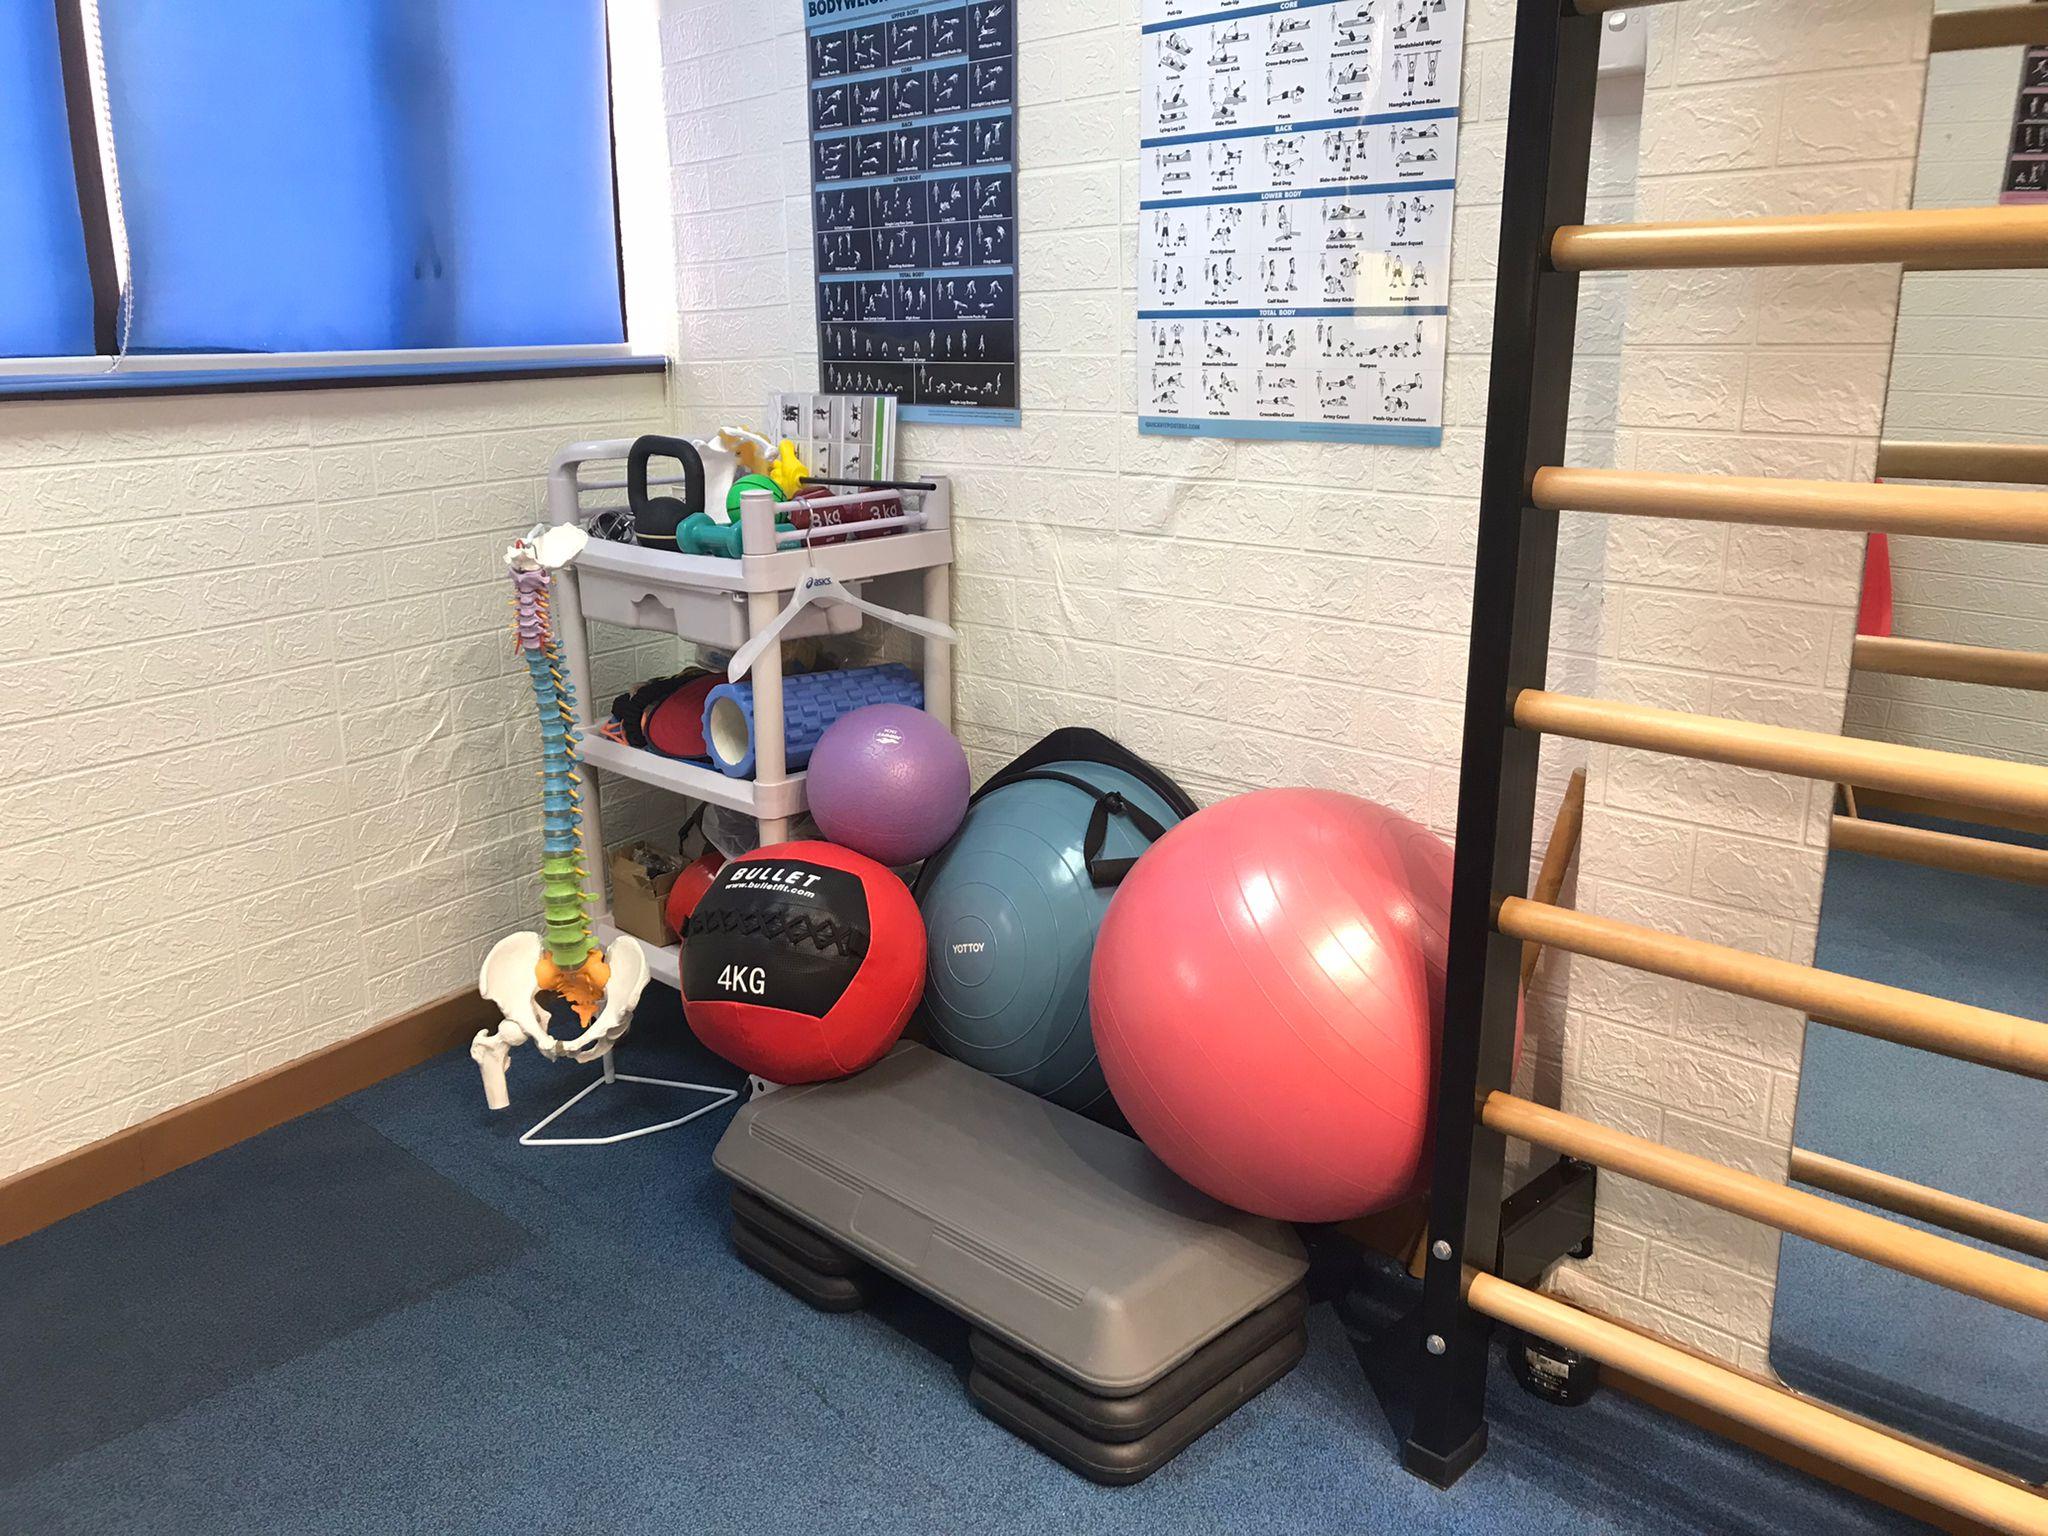 運動治療 肌力訓練 改善痛症及柔軟度 脊柱側彎 運動課程 復健